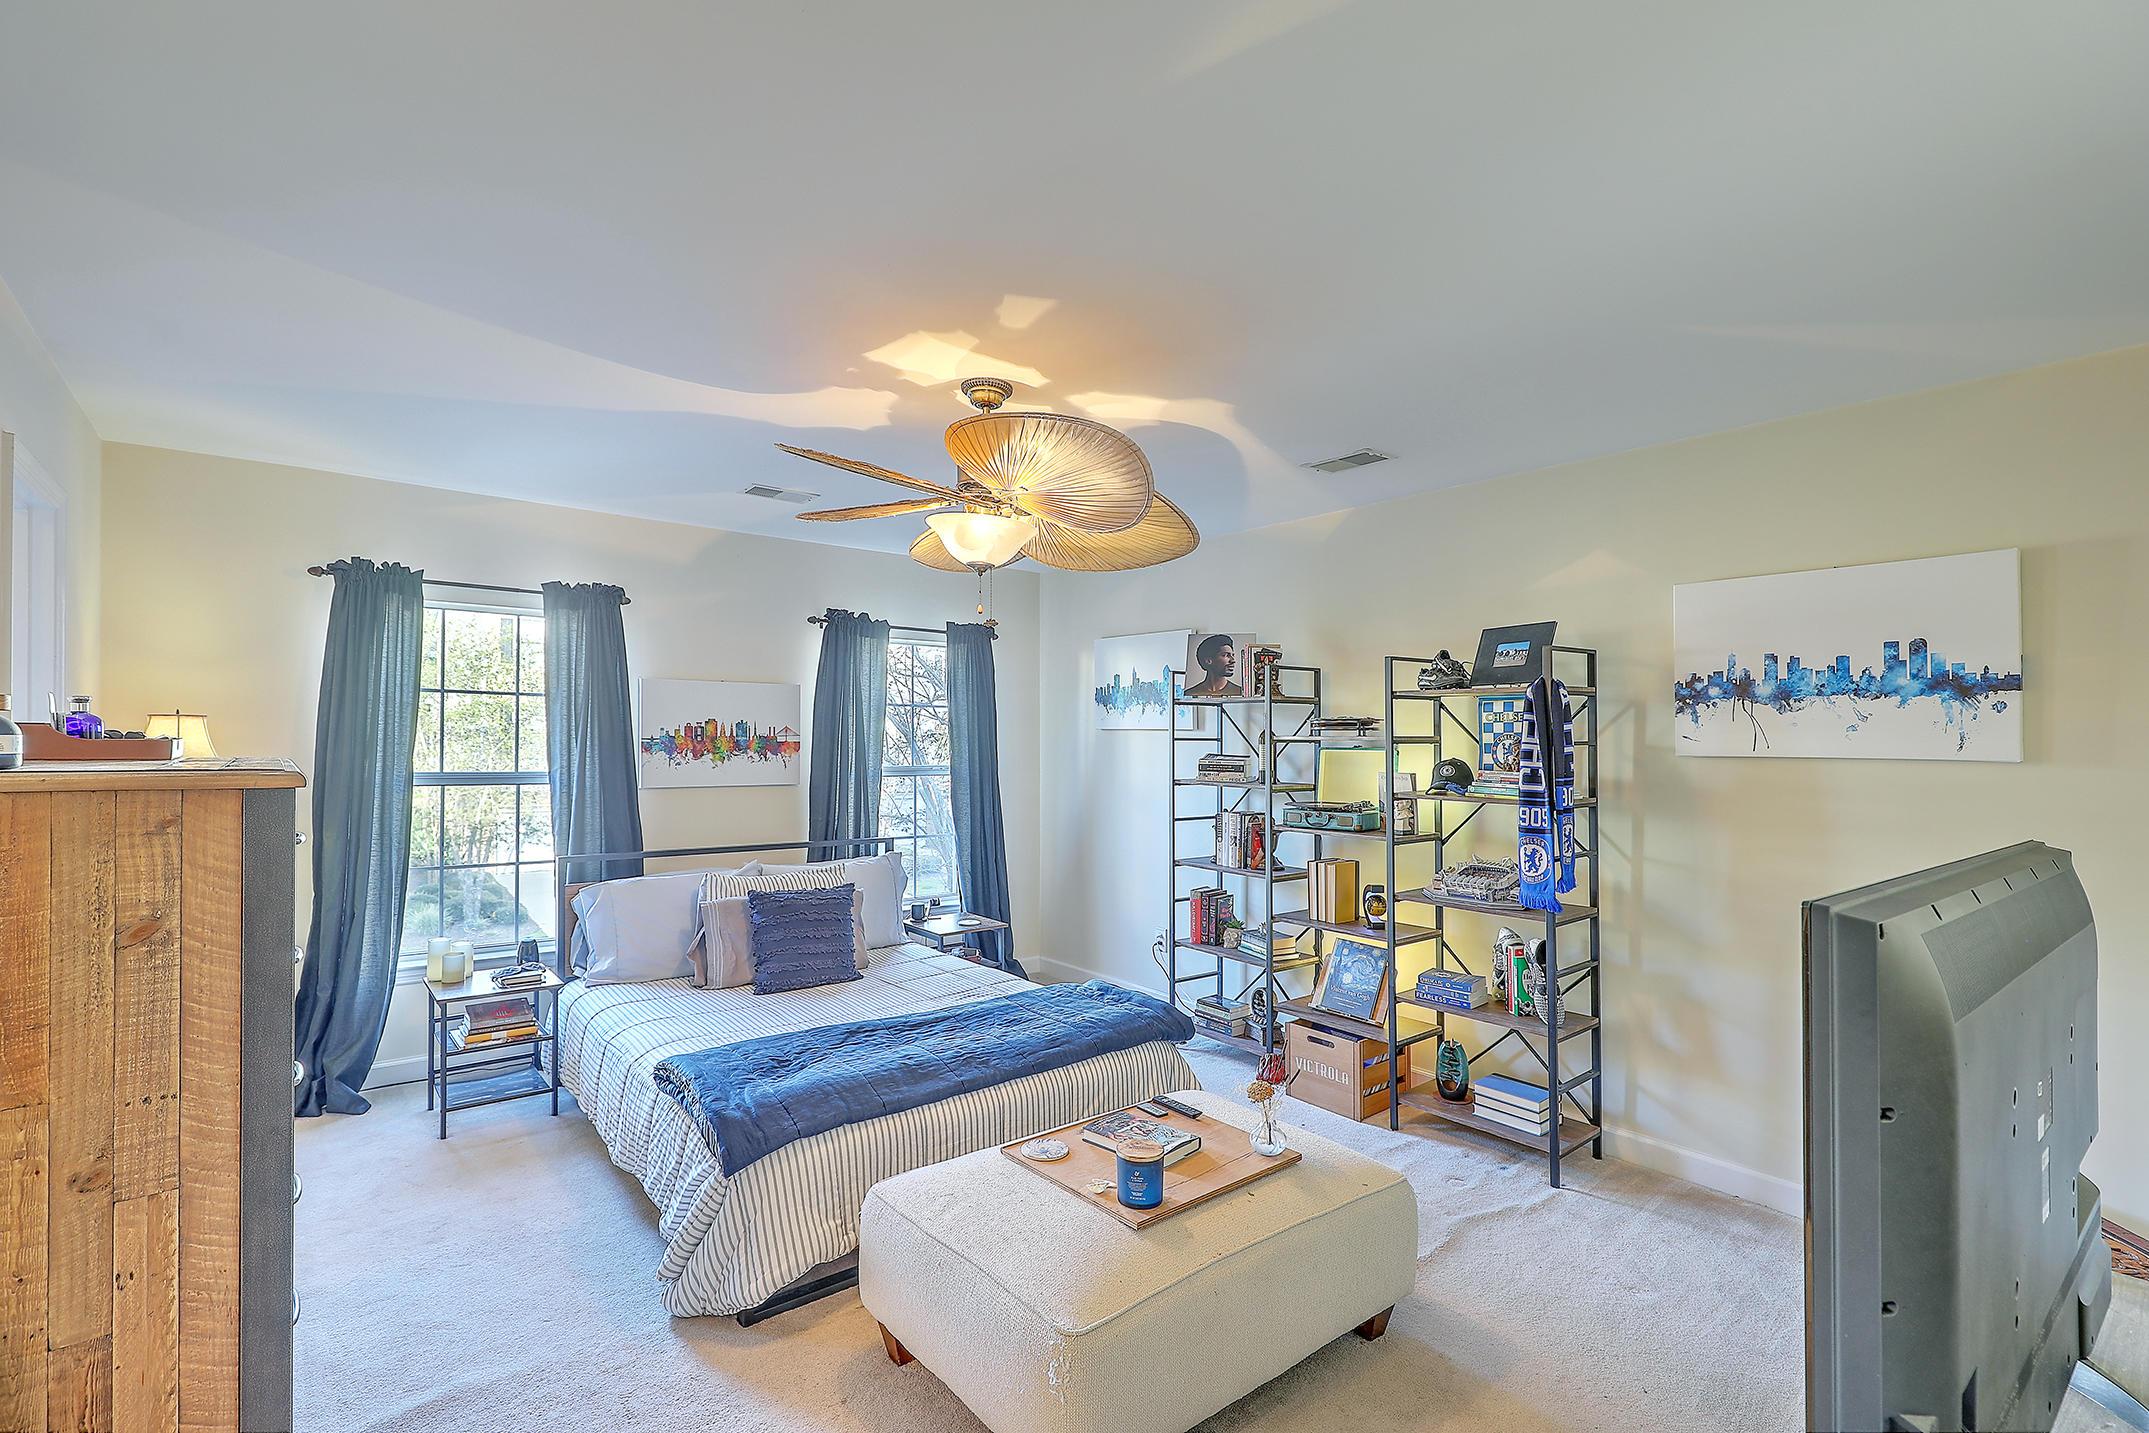 Dunes West Homes For Sale - 163 Fair Sailing, Mount Pleasant, SC - 49